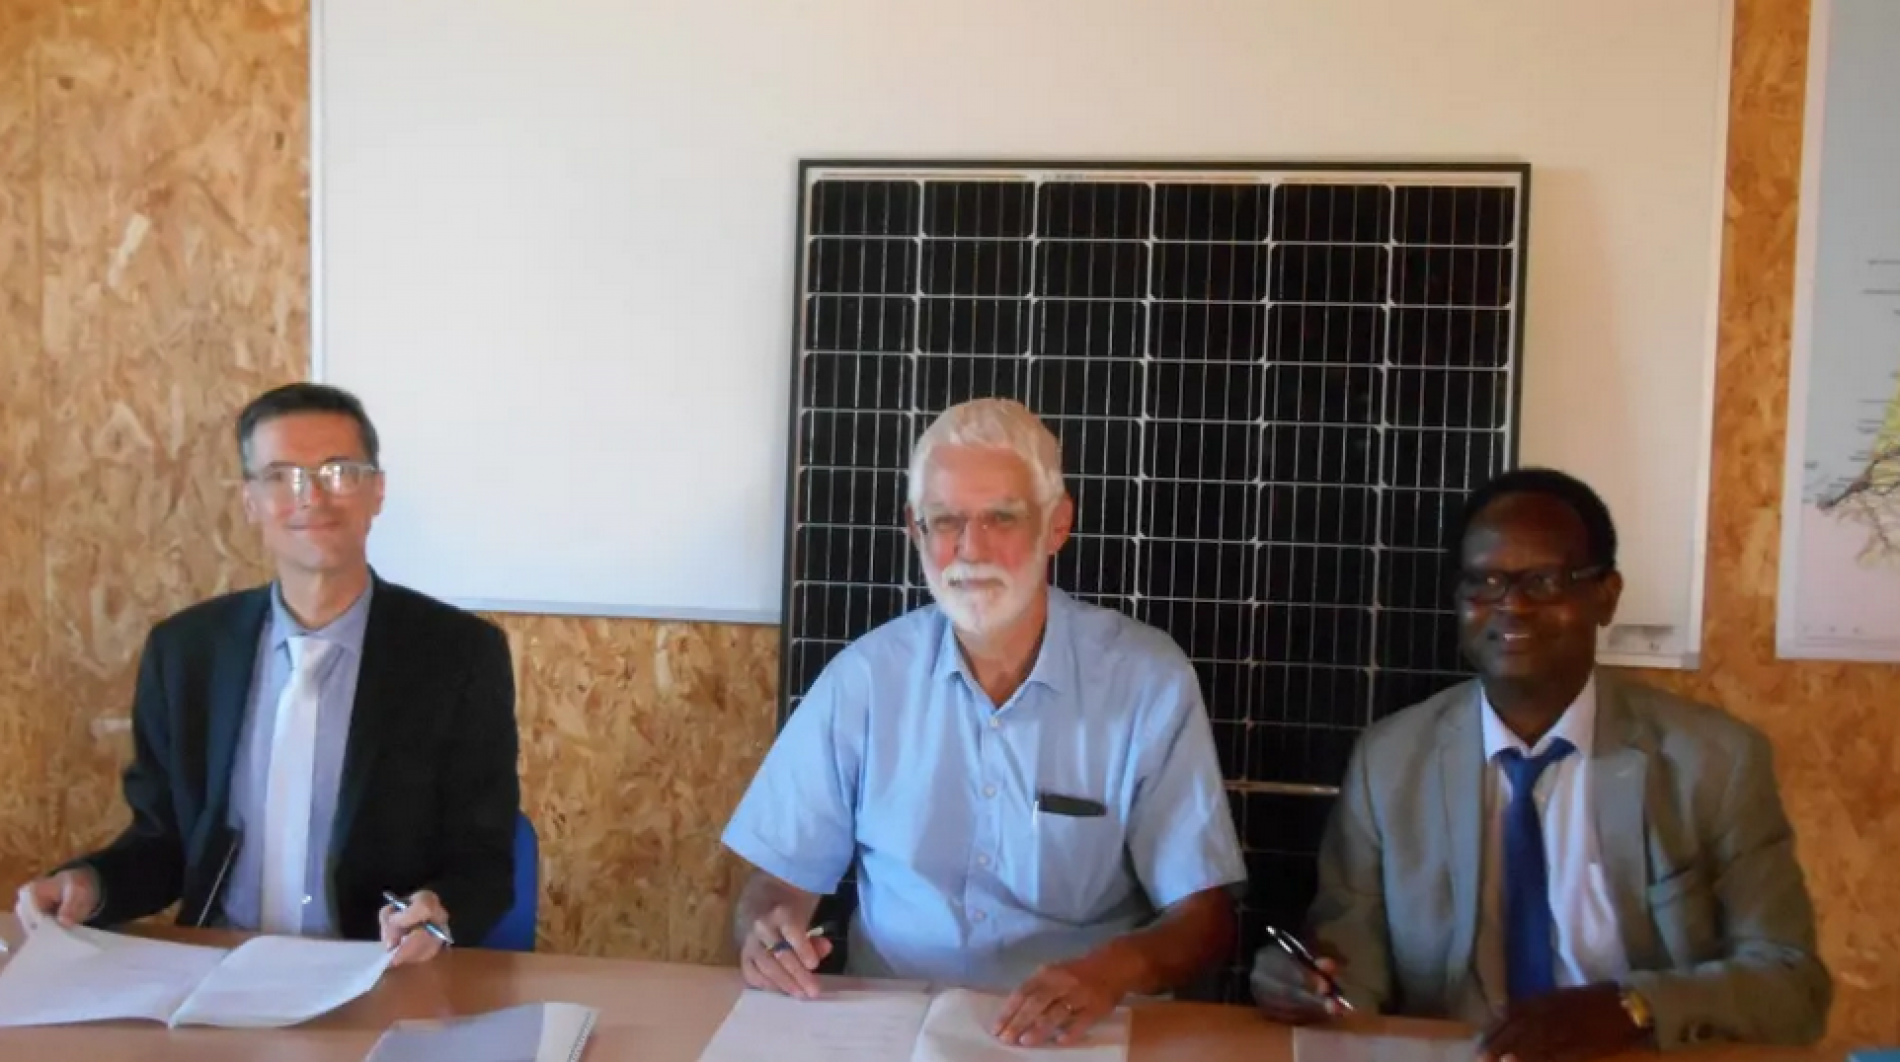 France-Nouvelle Aquitaine: Partenariat noué autour du Photovoltaïque